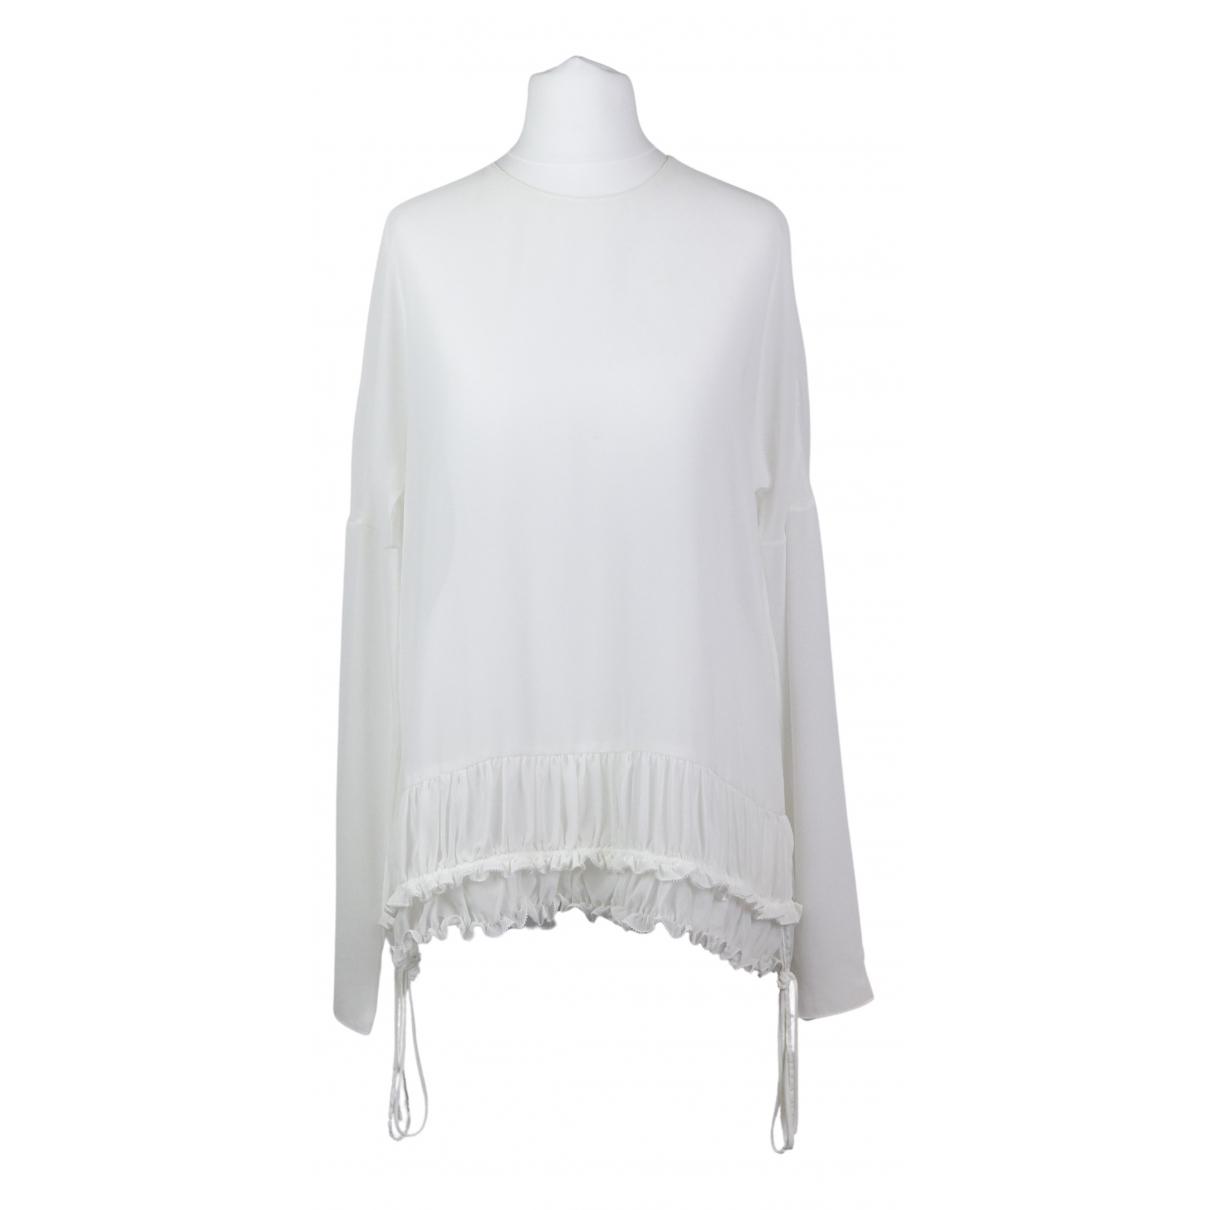 Vera Wang N White Cotton  top for Women 8 UK